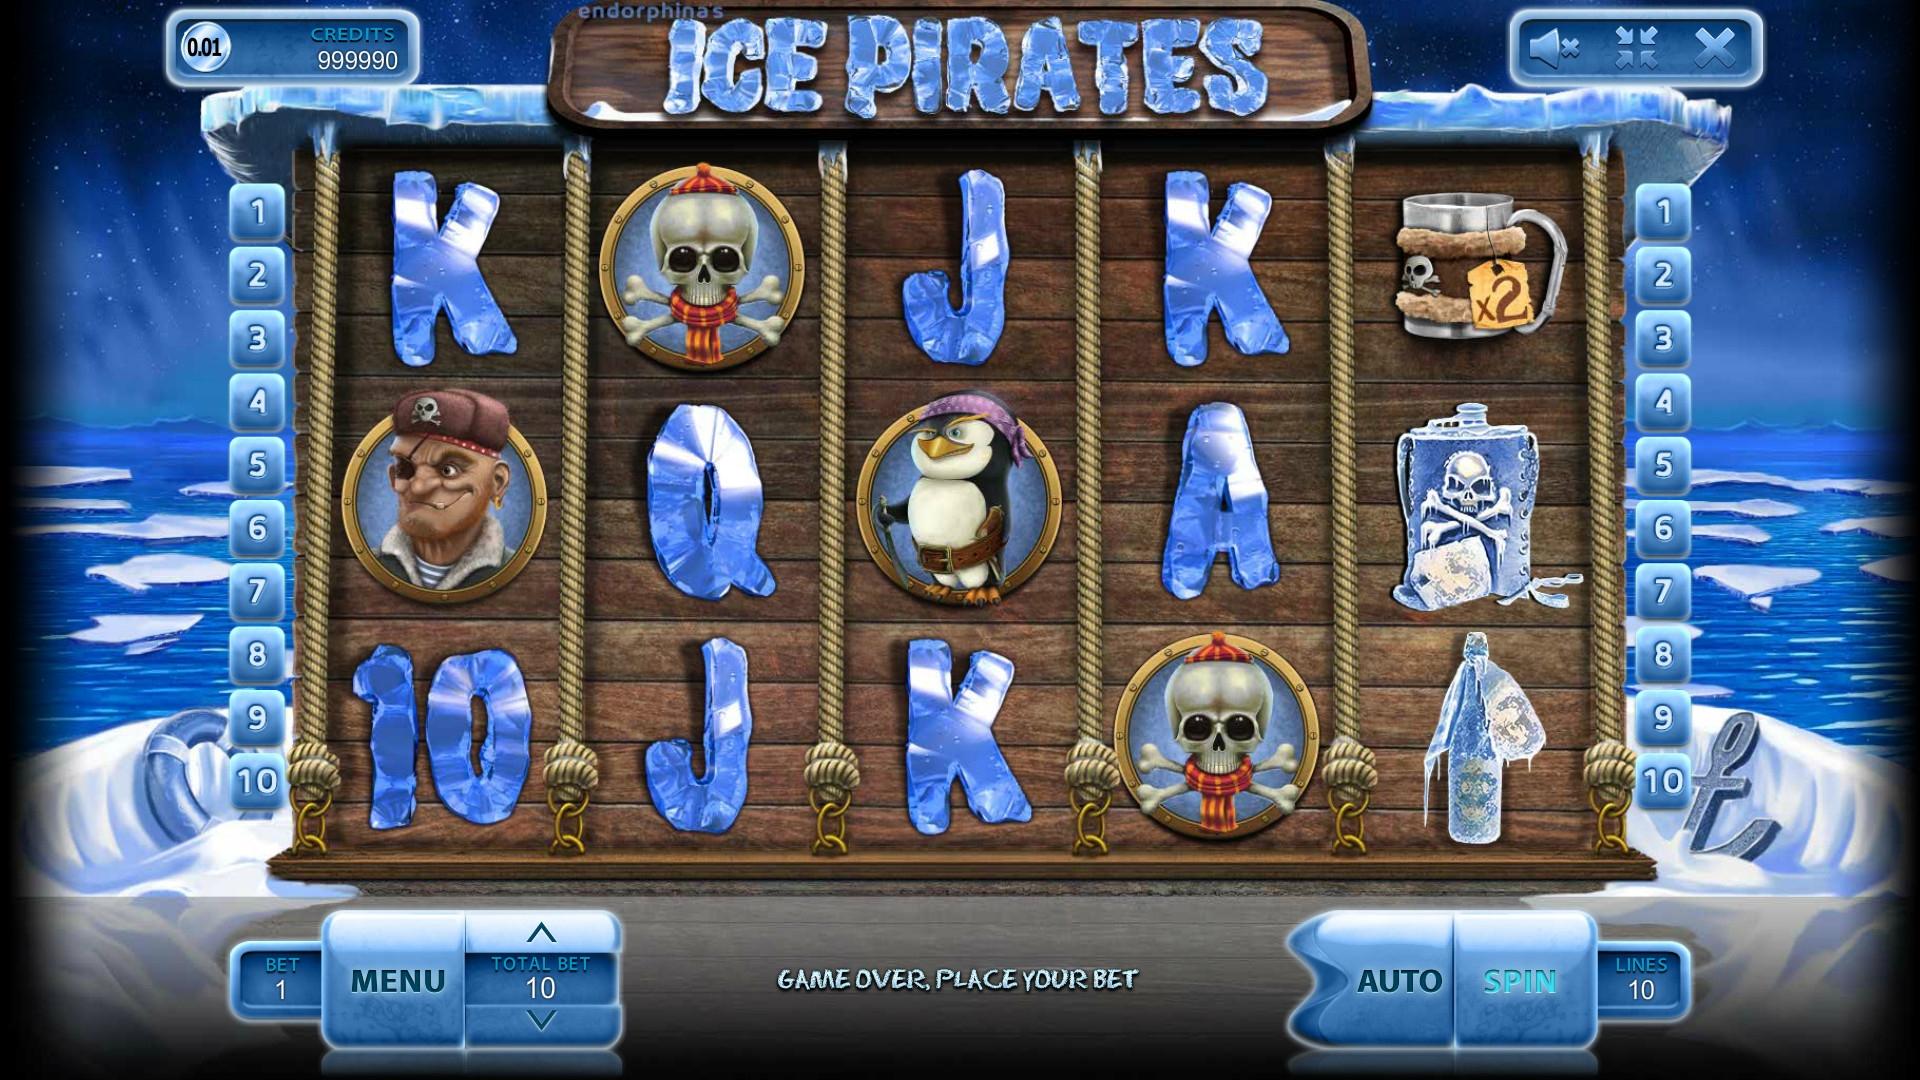 Автоматы игровые играть бесплатно без регистрации ешки